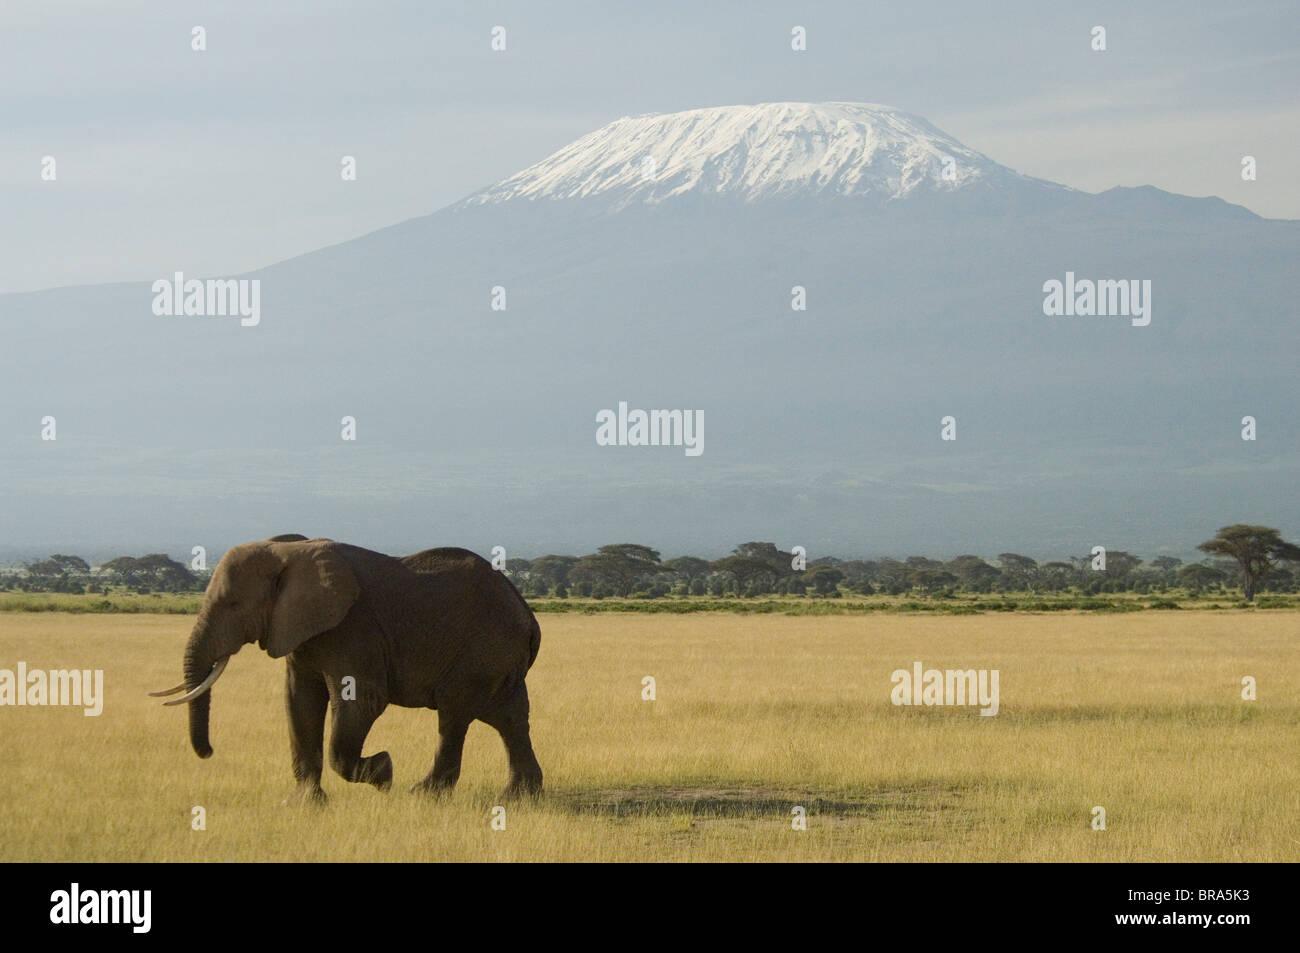 La MARCHE DES ÉLÉPHANTS DANS LES PLAINES D'AMBOSELI NATIONAL PARK Le Kilimandjaro en Afrique Kenya Photo Stock